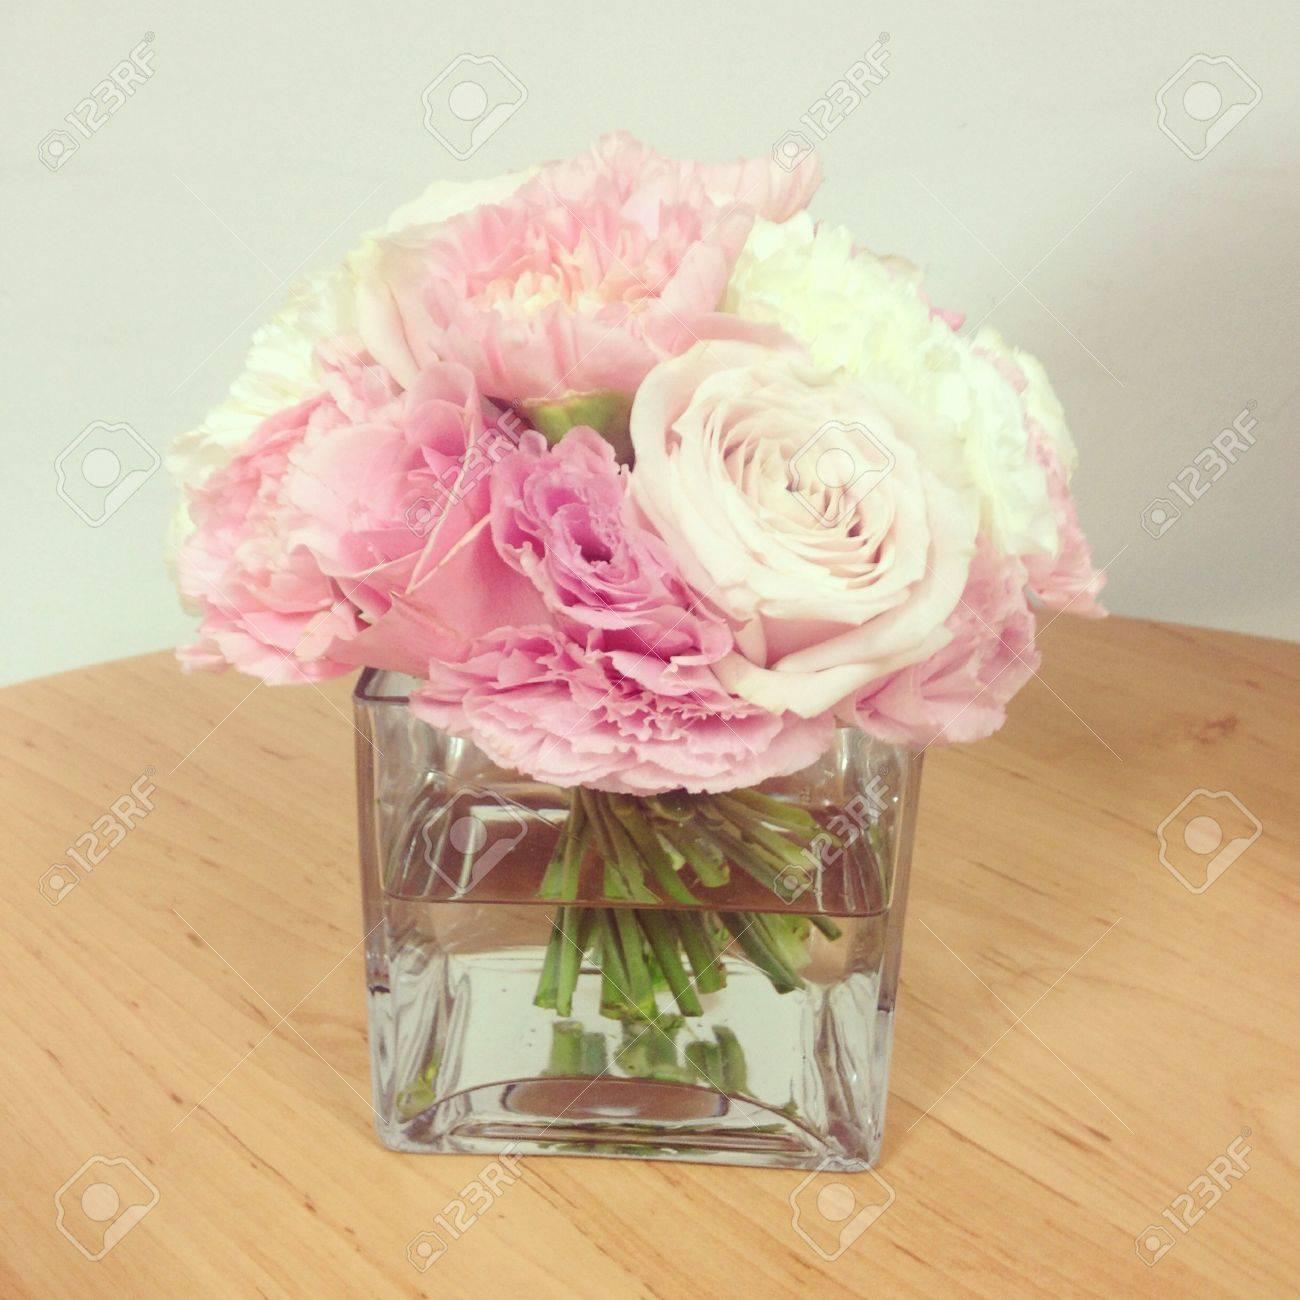 Schöne Blume Im Kleinen Vase Lizenzfreie Fotos Bilder Und Stock